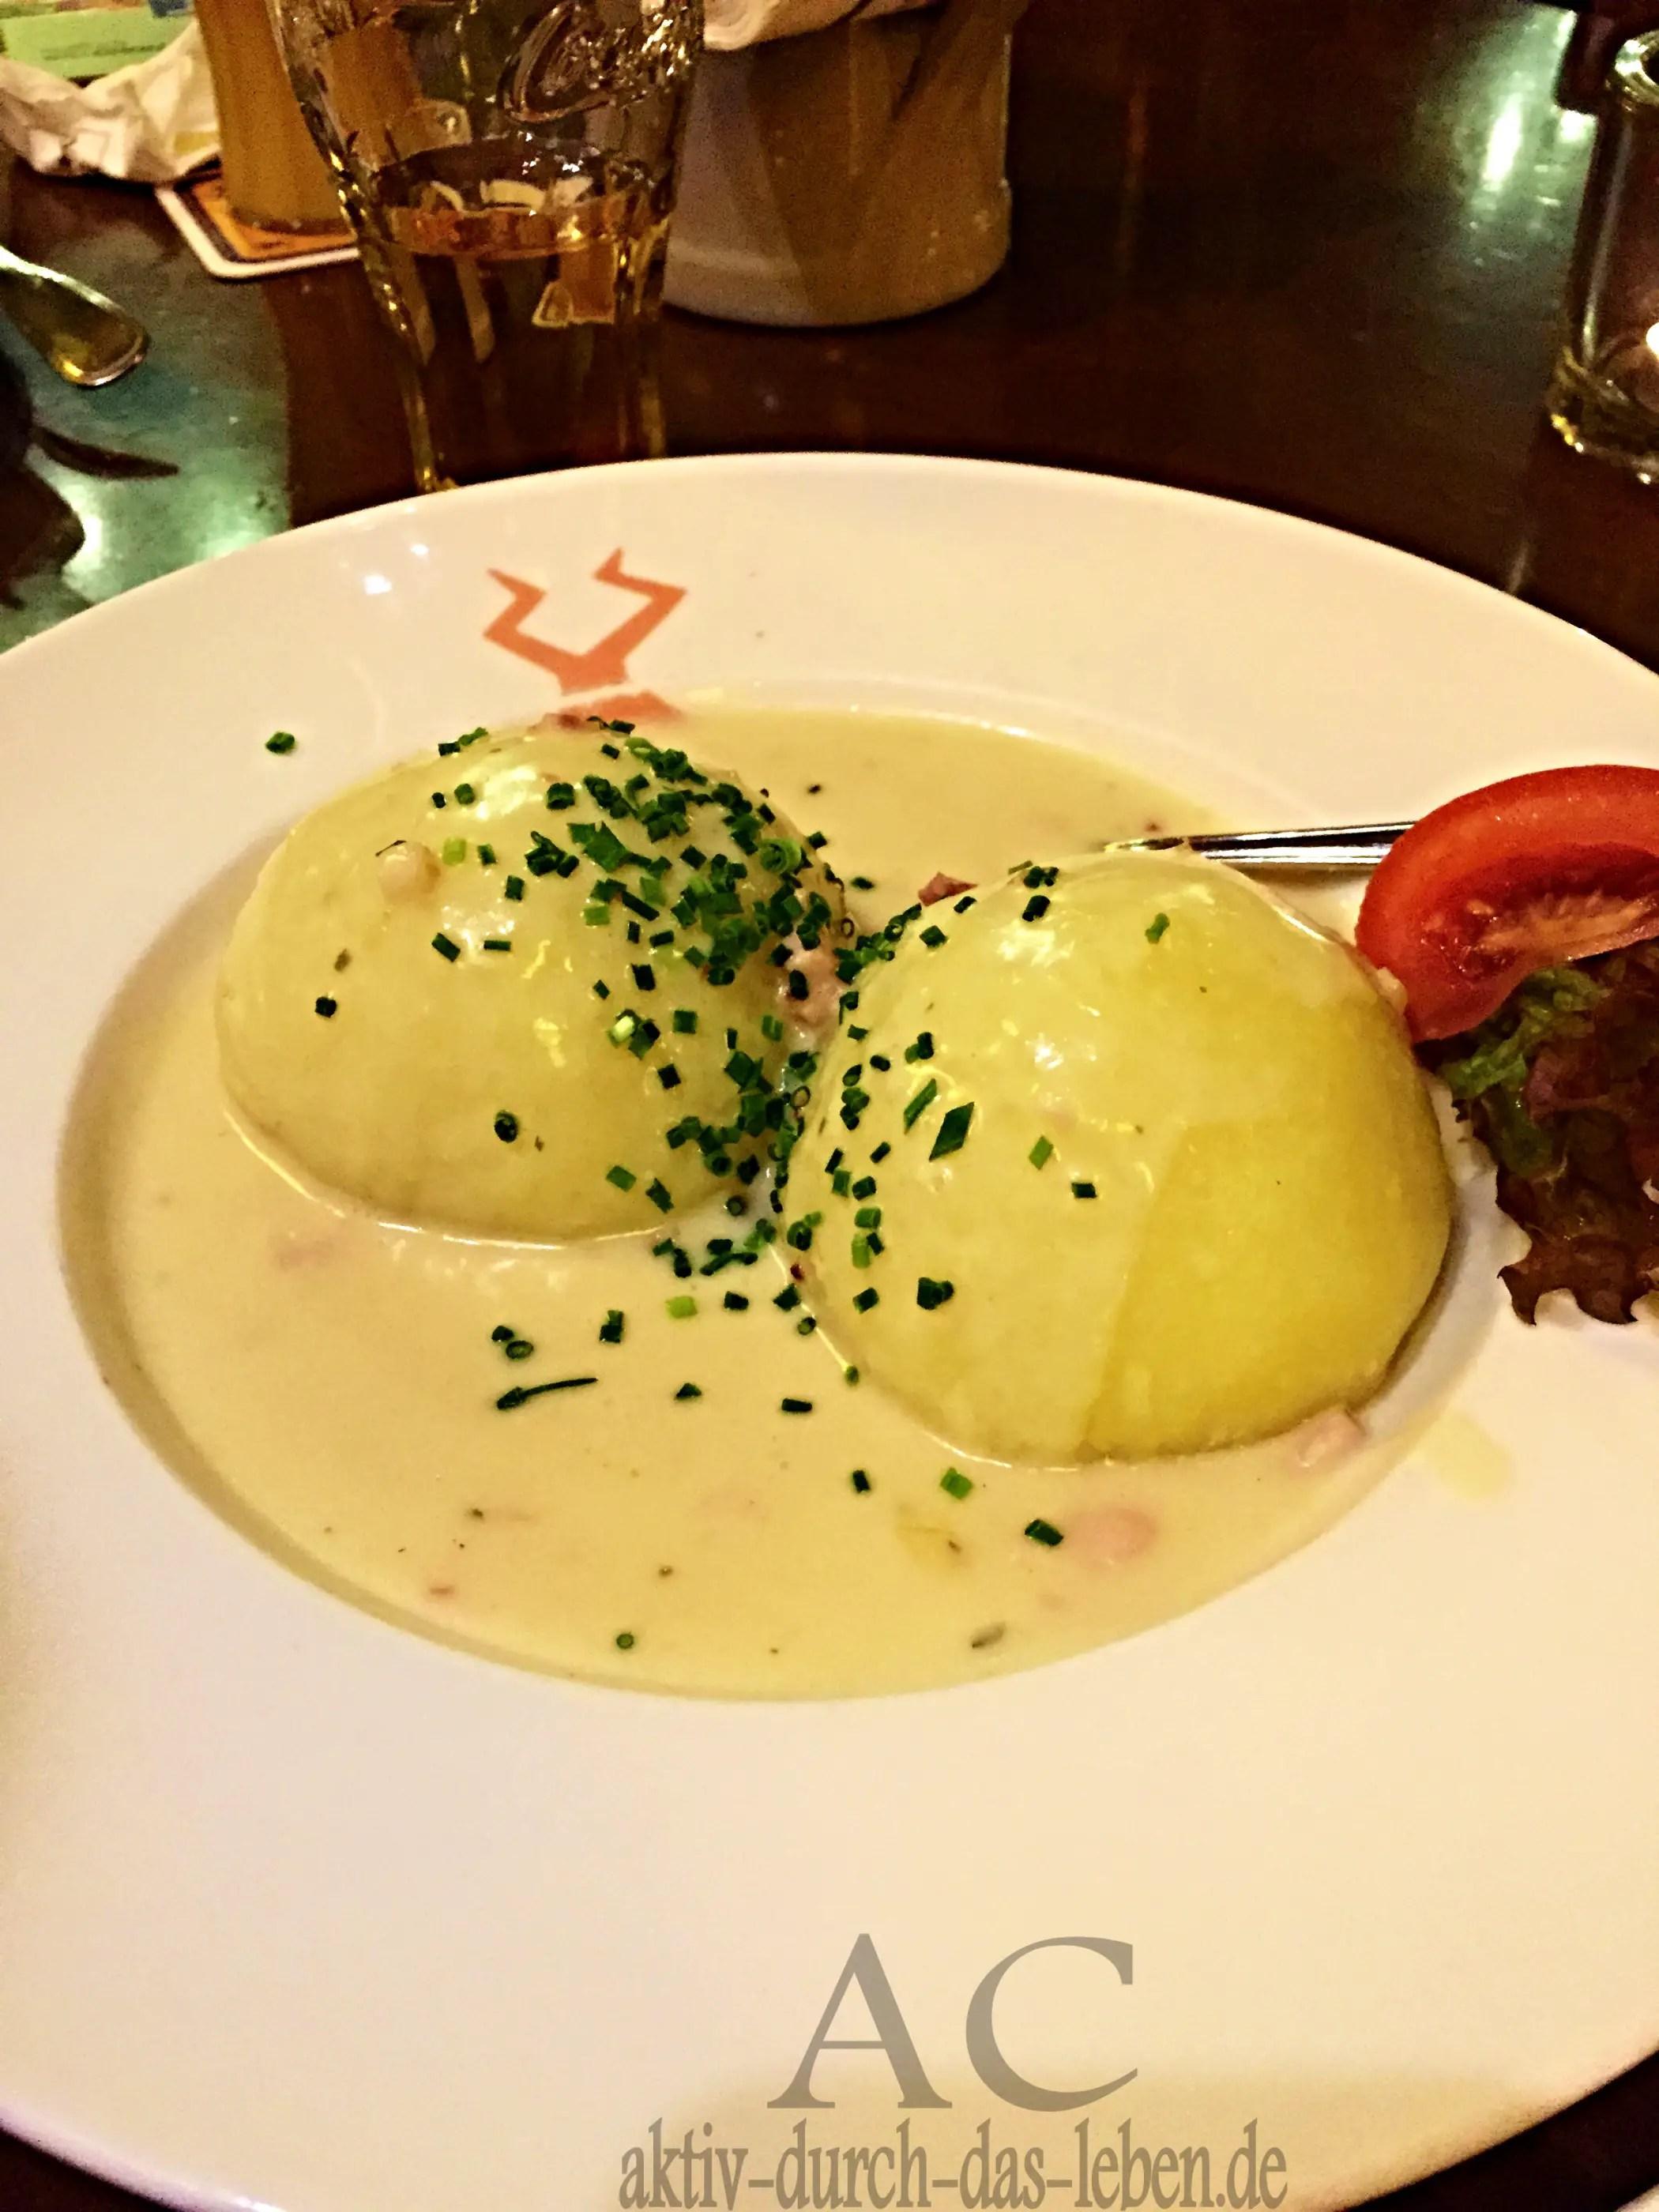 Mit Leberwurst gefüllte Kartoffelklöße mit Specksoße